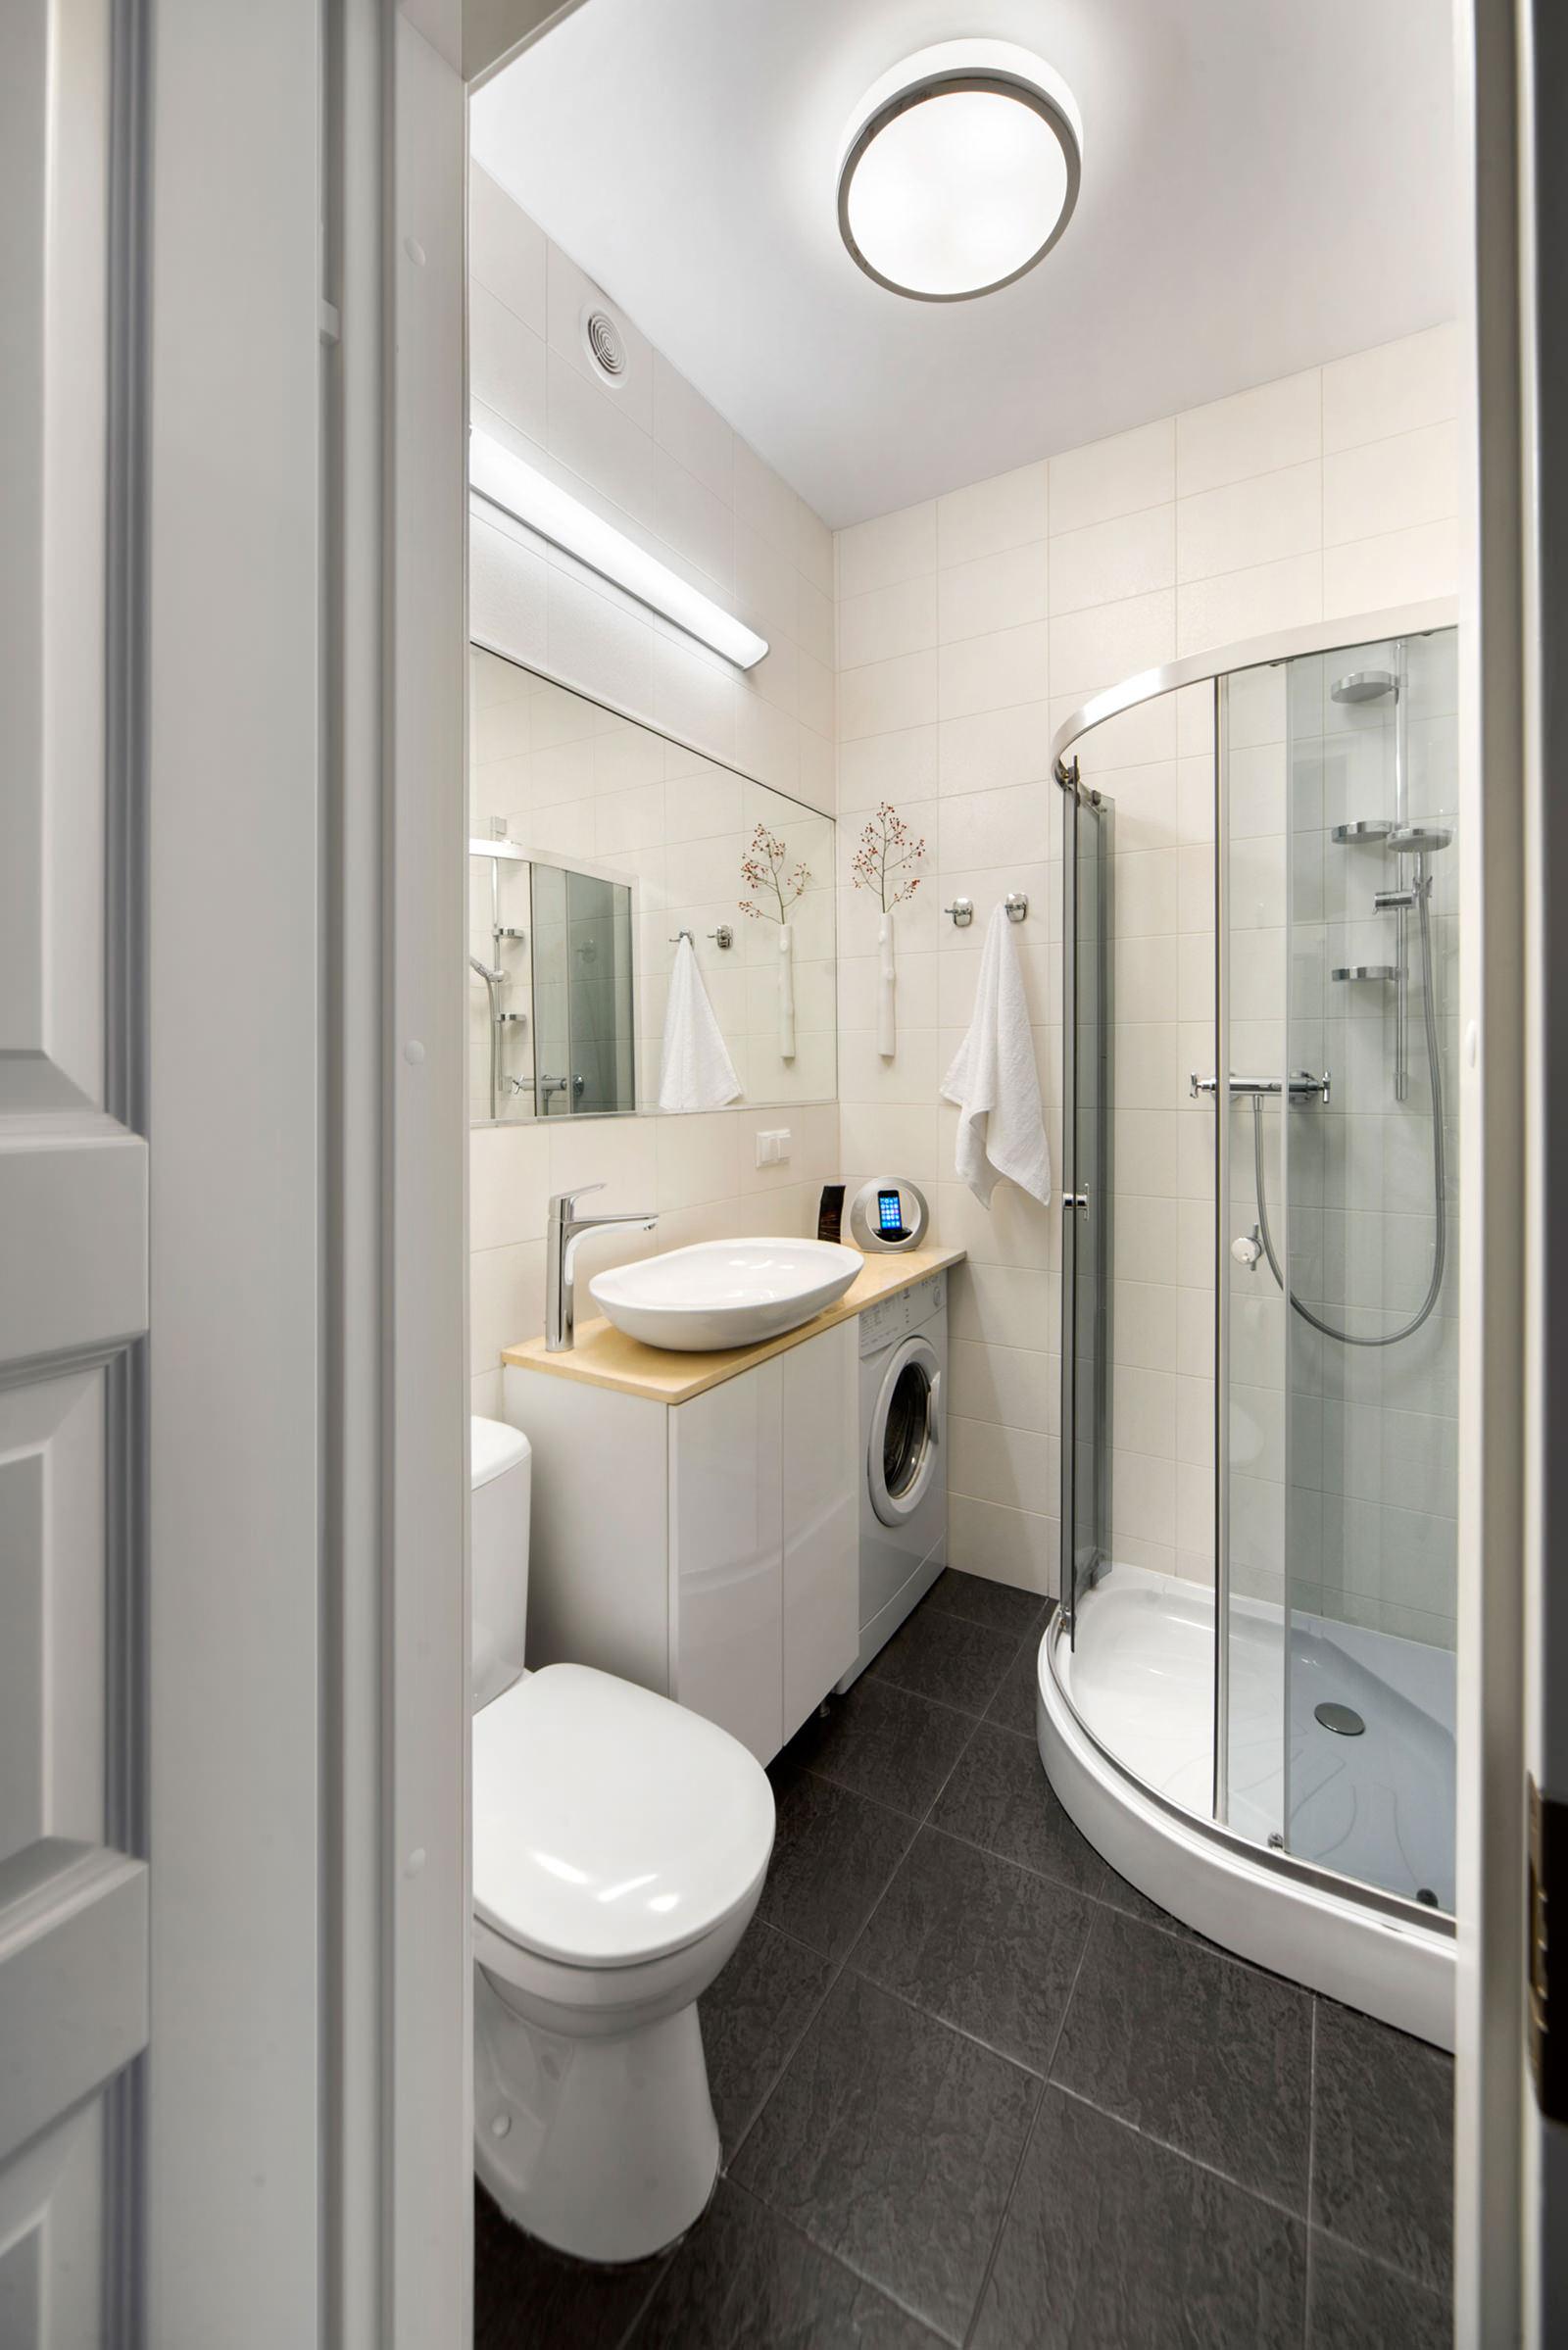 Фото дизайн ванной комнаты хрущевке квартиры